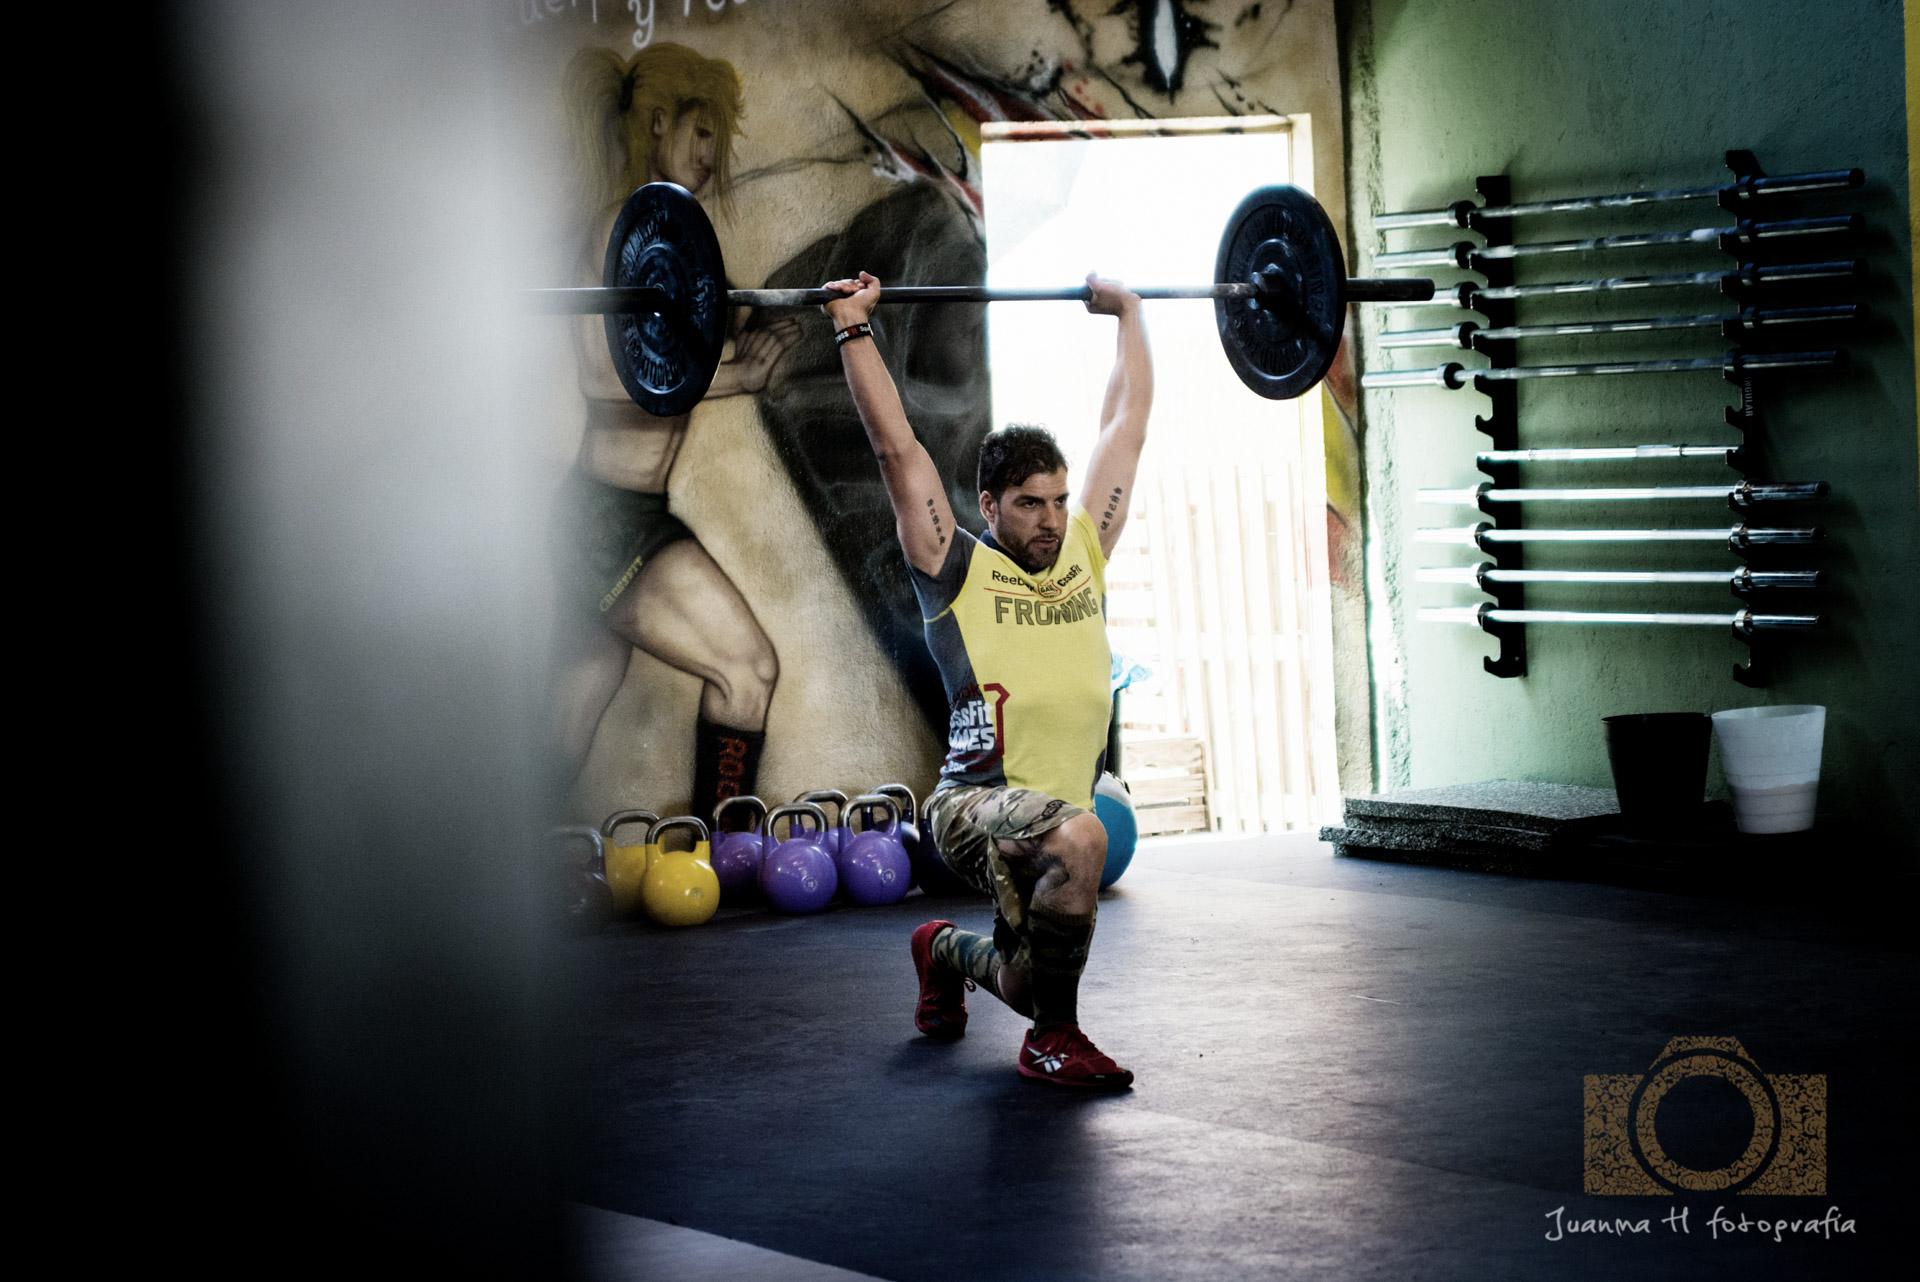 Ejercicios funcionales CrossFit Fuenlabrada